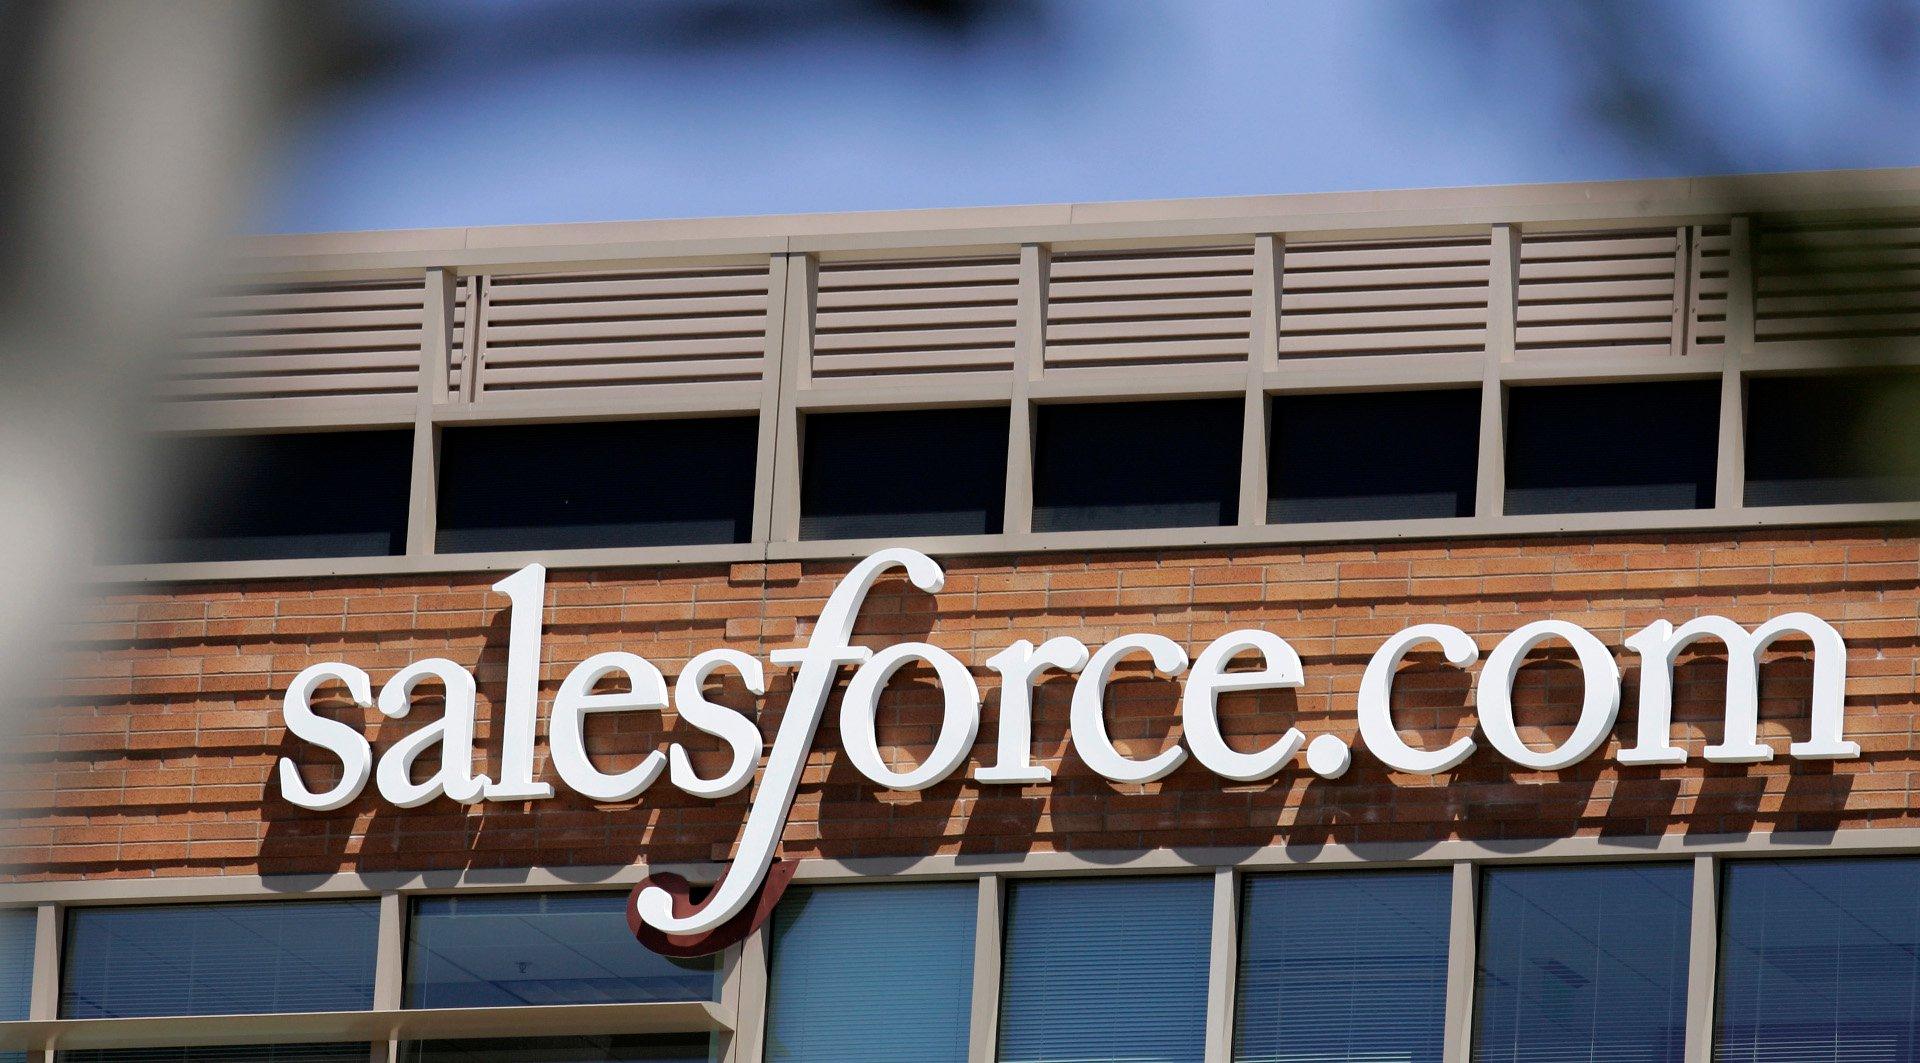 بلومبرج salesforce